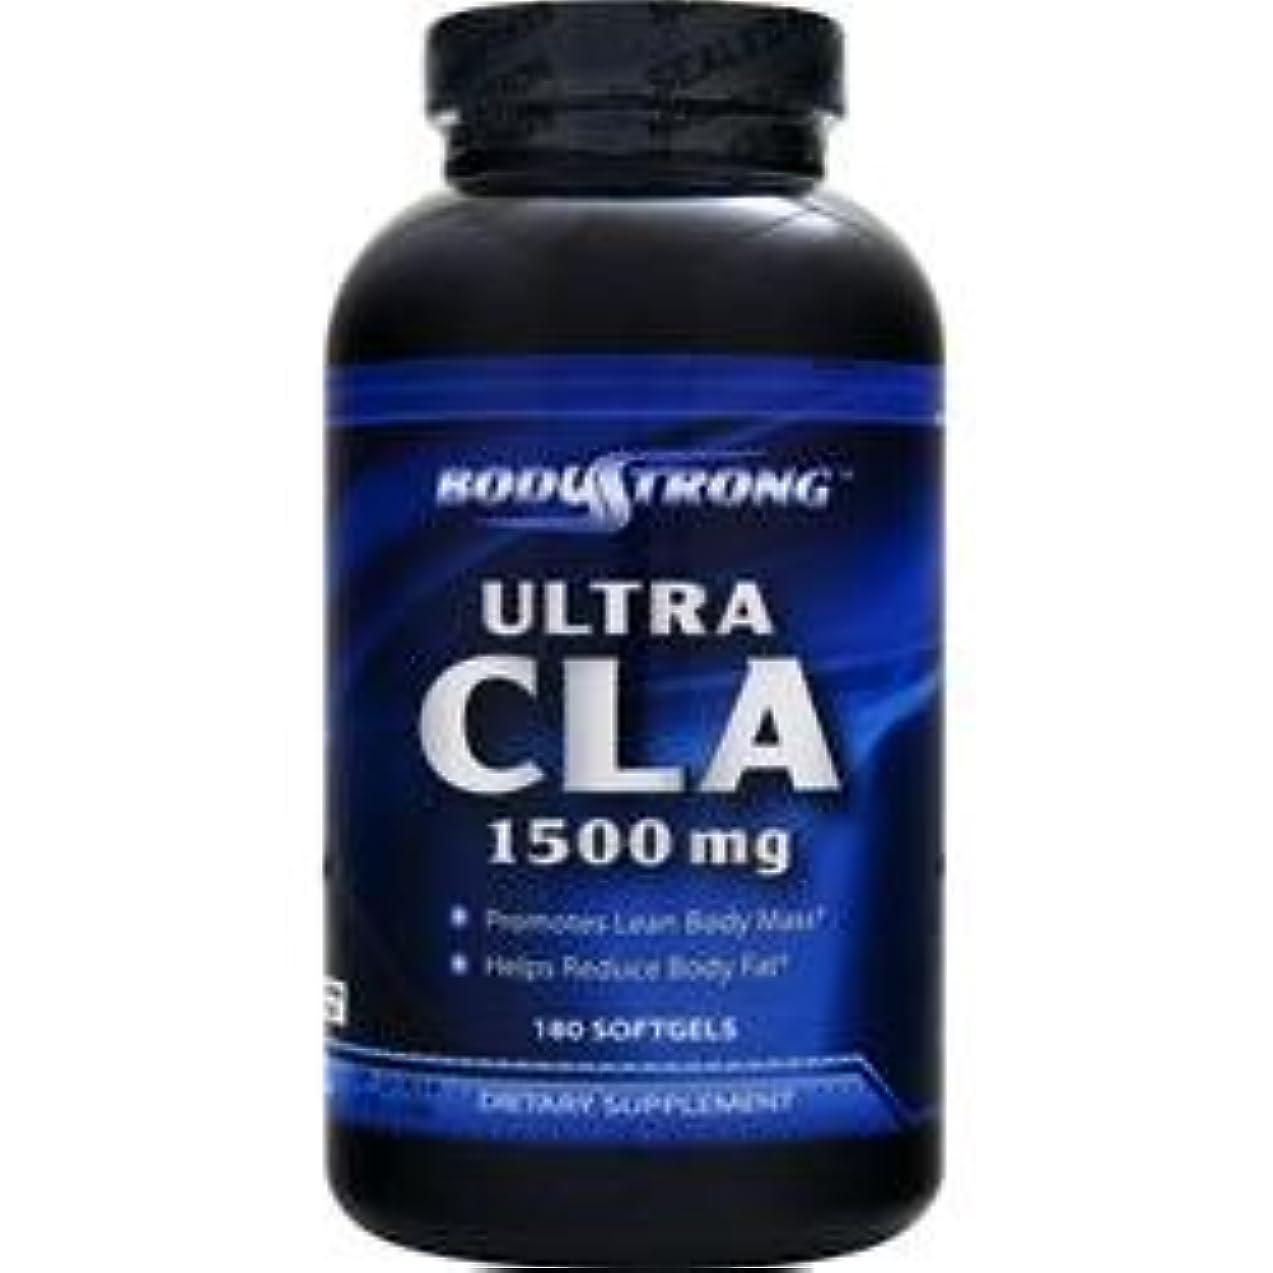 仮定補正苦行BodyStrong ウルトラCLA 1500mg (Ultra CLA) (180ソフトジェル)